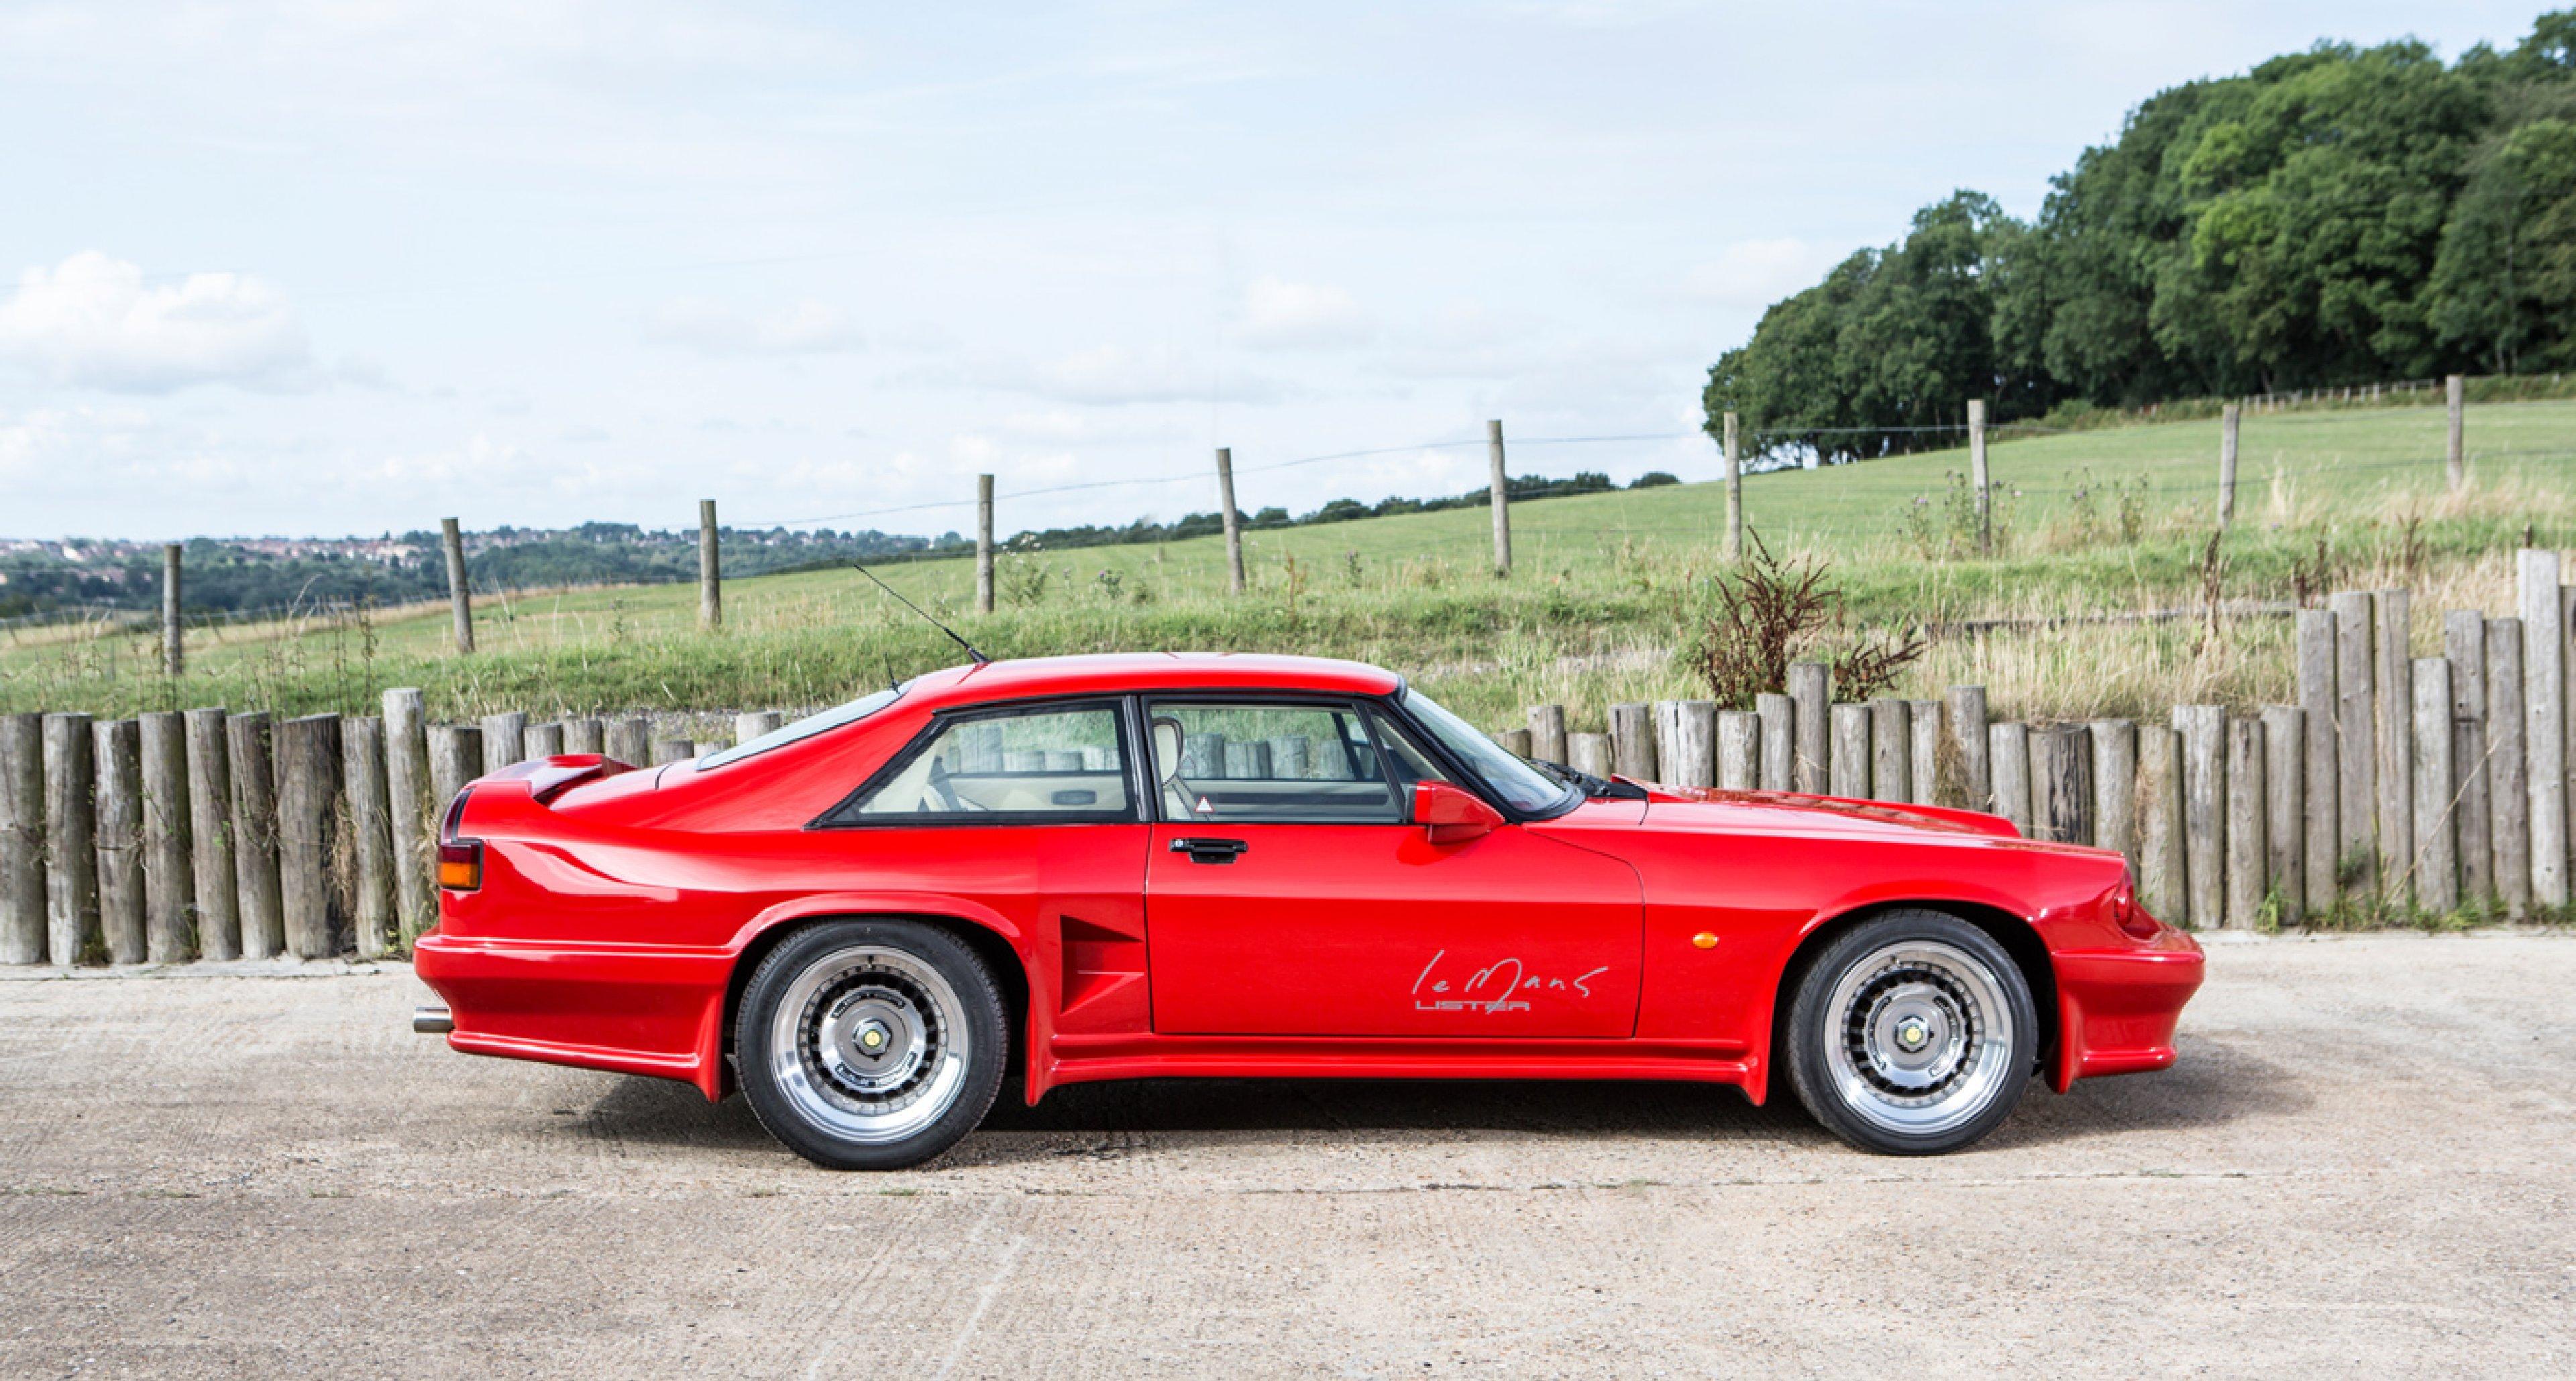 1989 Lister Jaguar 7.0-Litre Le Mans Coupé